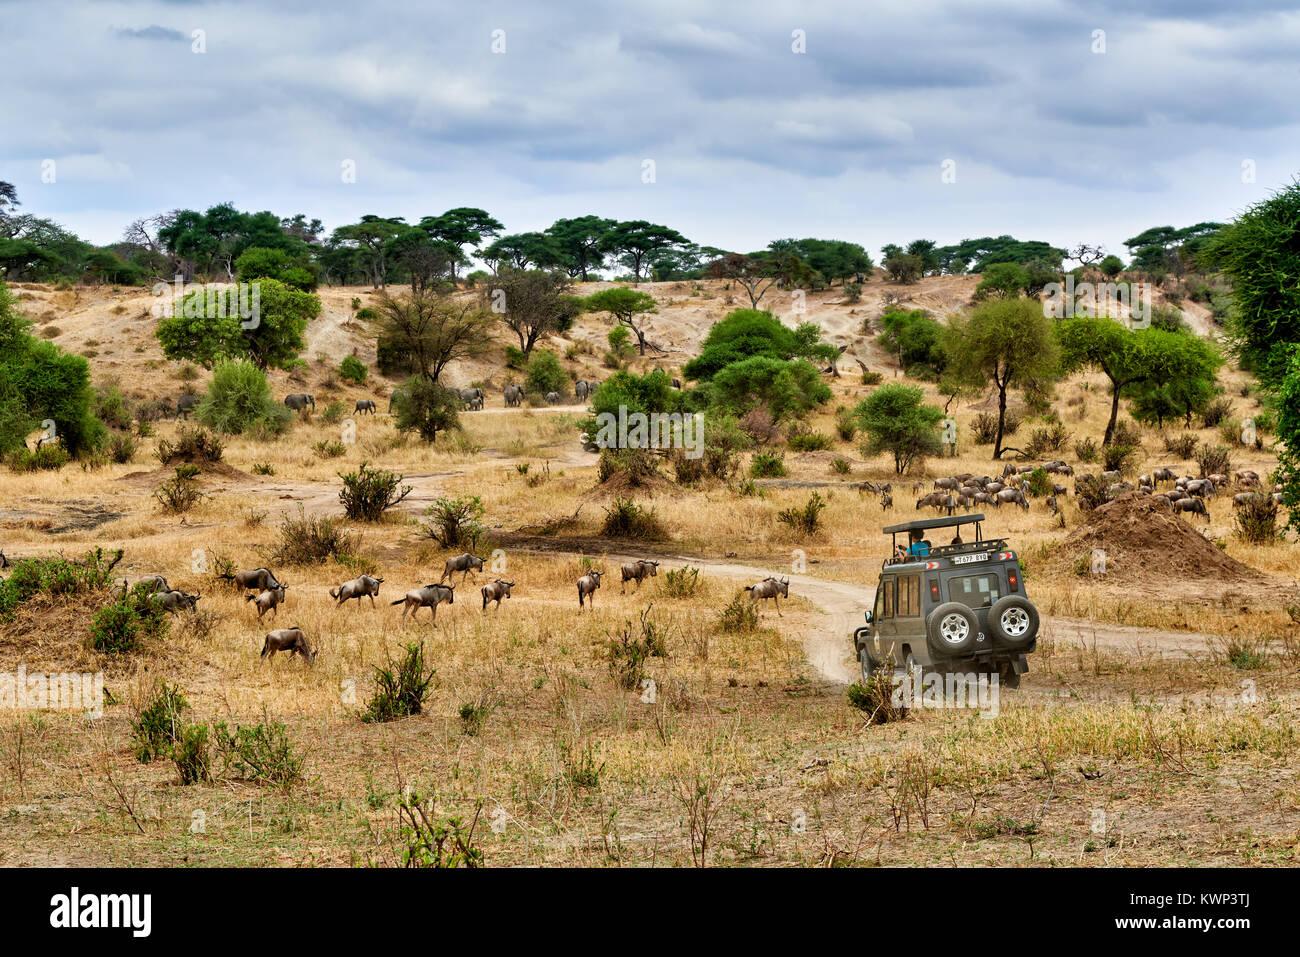 El ñu azul y coche de safari en el valle de Parque Nacional Tarangire, Tanzania, África Imagen De Stock